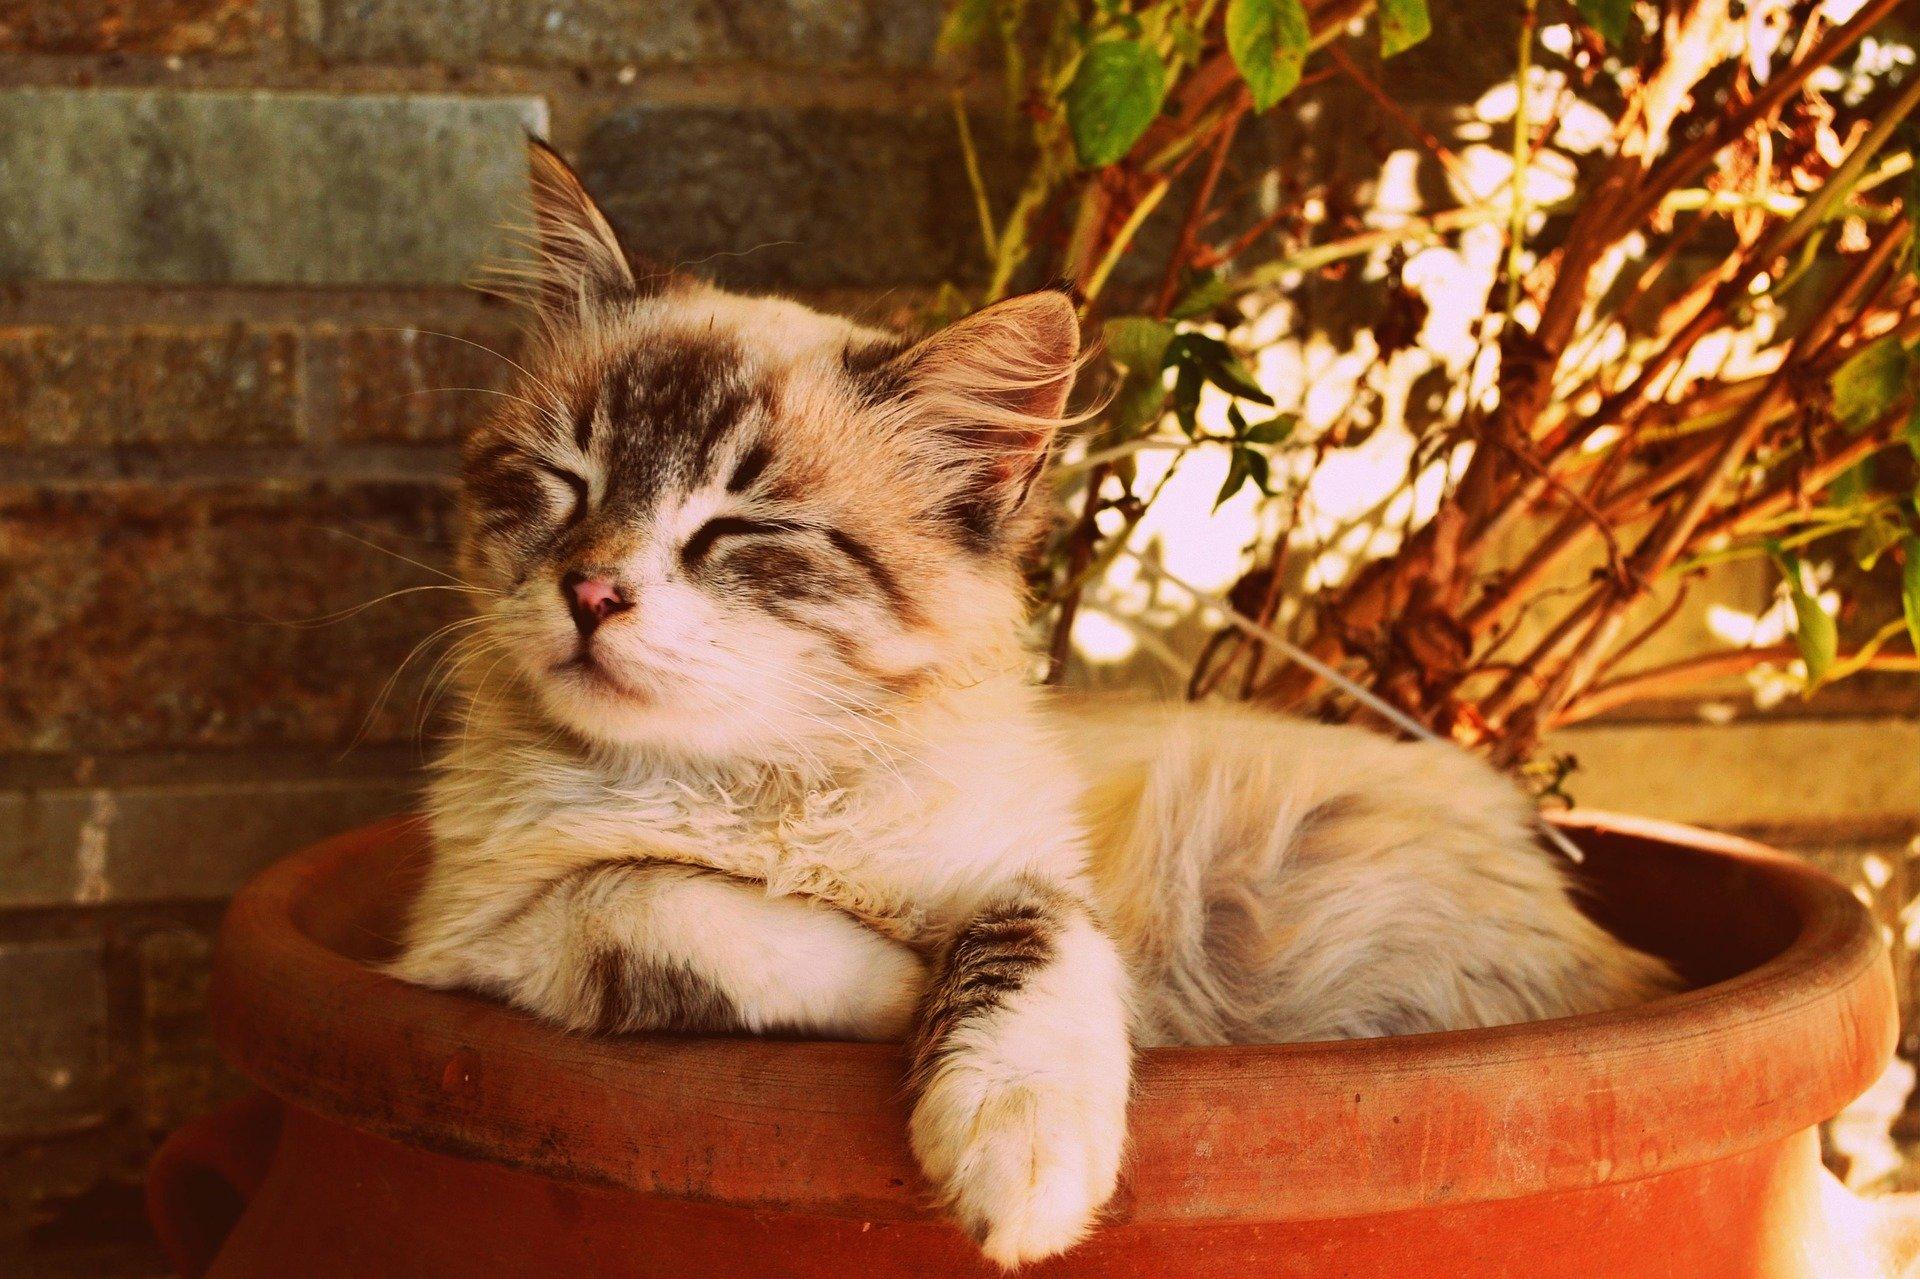 https://m.wm.pl/2020/02/orig/kitten-asleep-in-a-pot-1995961-1920-610935.jpg